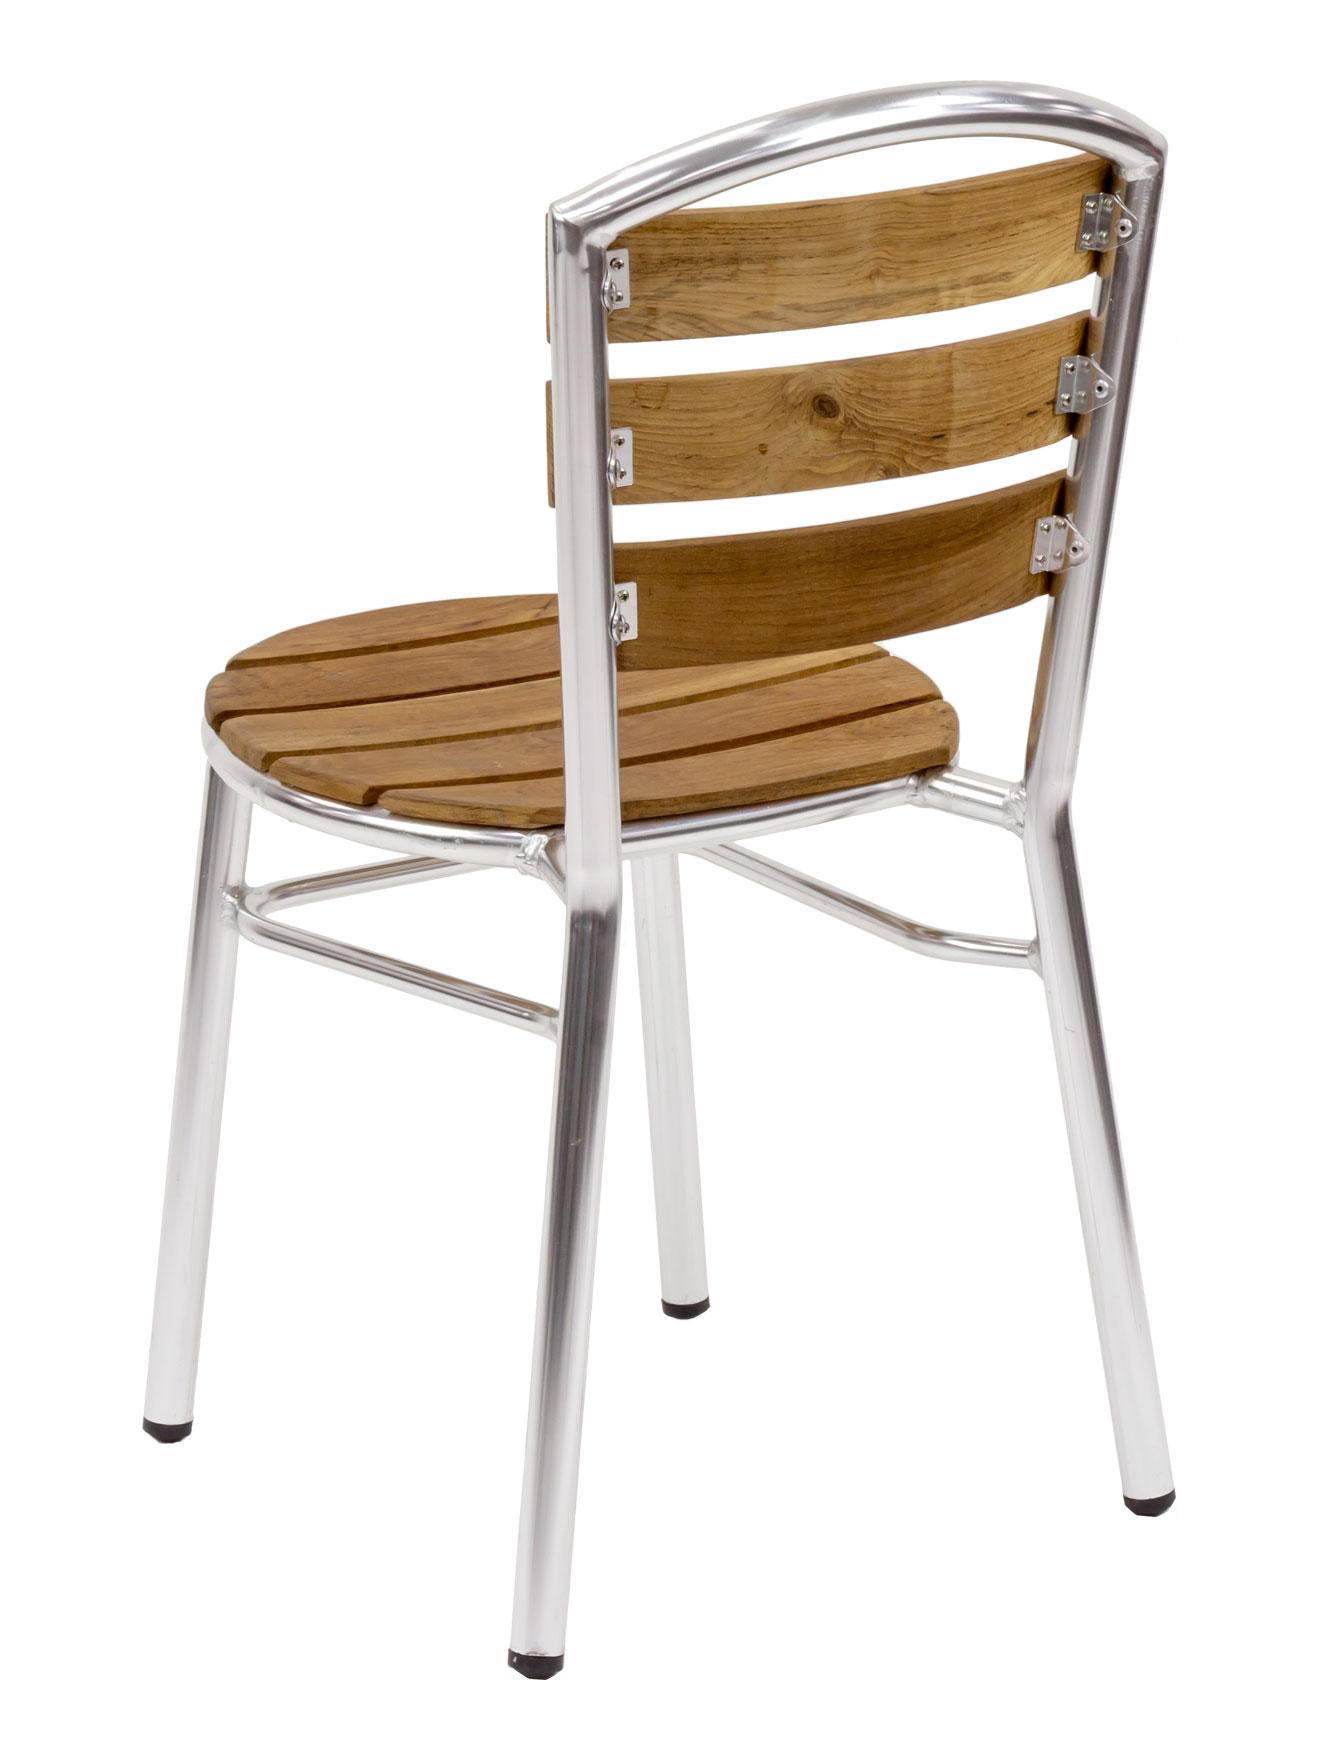 Prime Florida Seating Al 308 Silver Teak Restaurant Side Chair Inzonedesignstudio Interior Chair Design Inzonedesignstudiocom